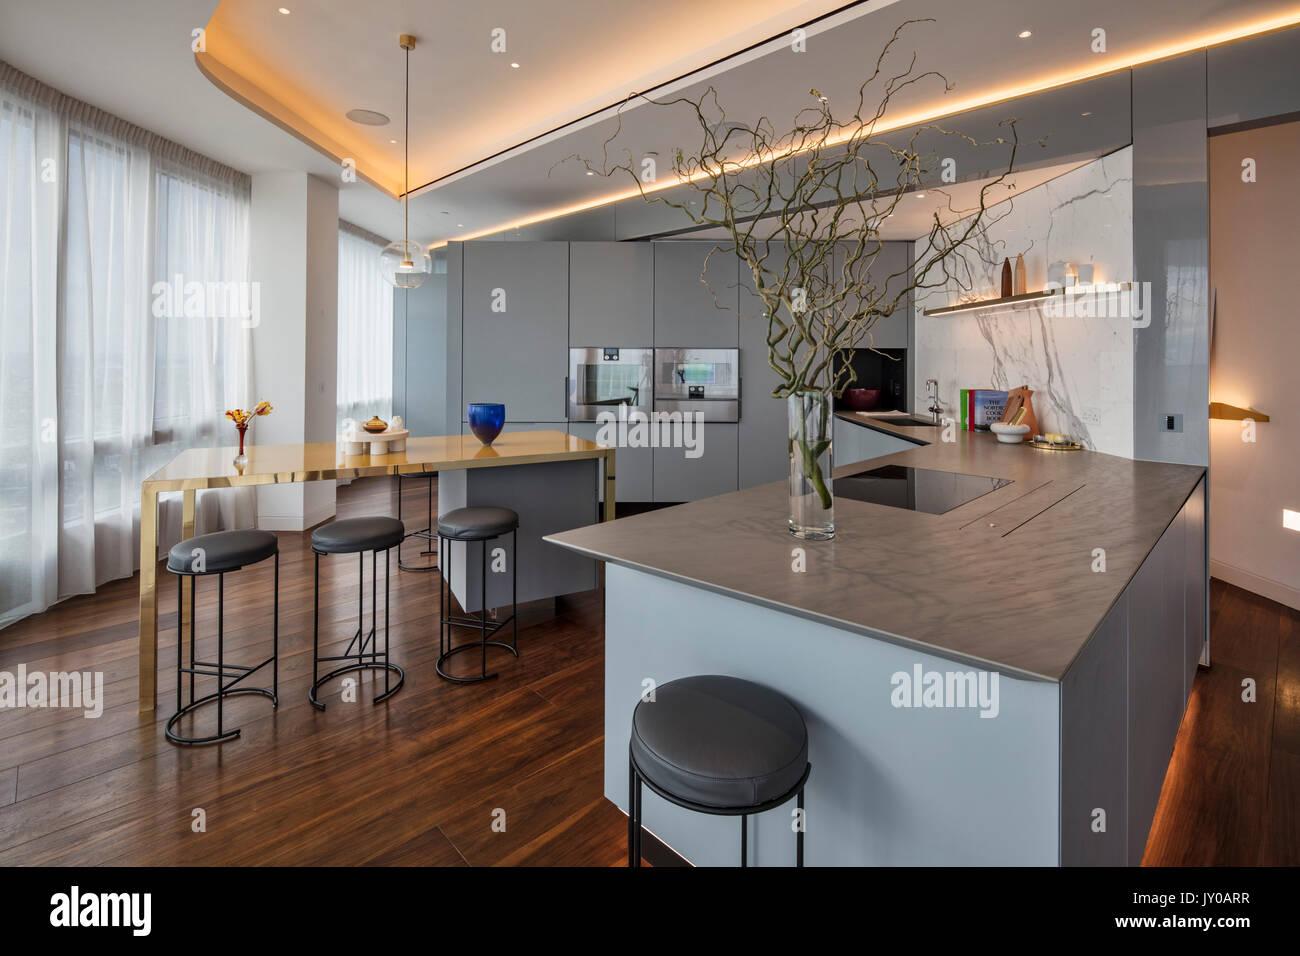 Berühmt Innenarchitektur Küchen London Fotos - Küchenschrank Ideen ...